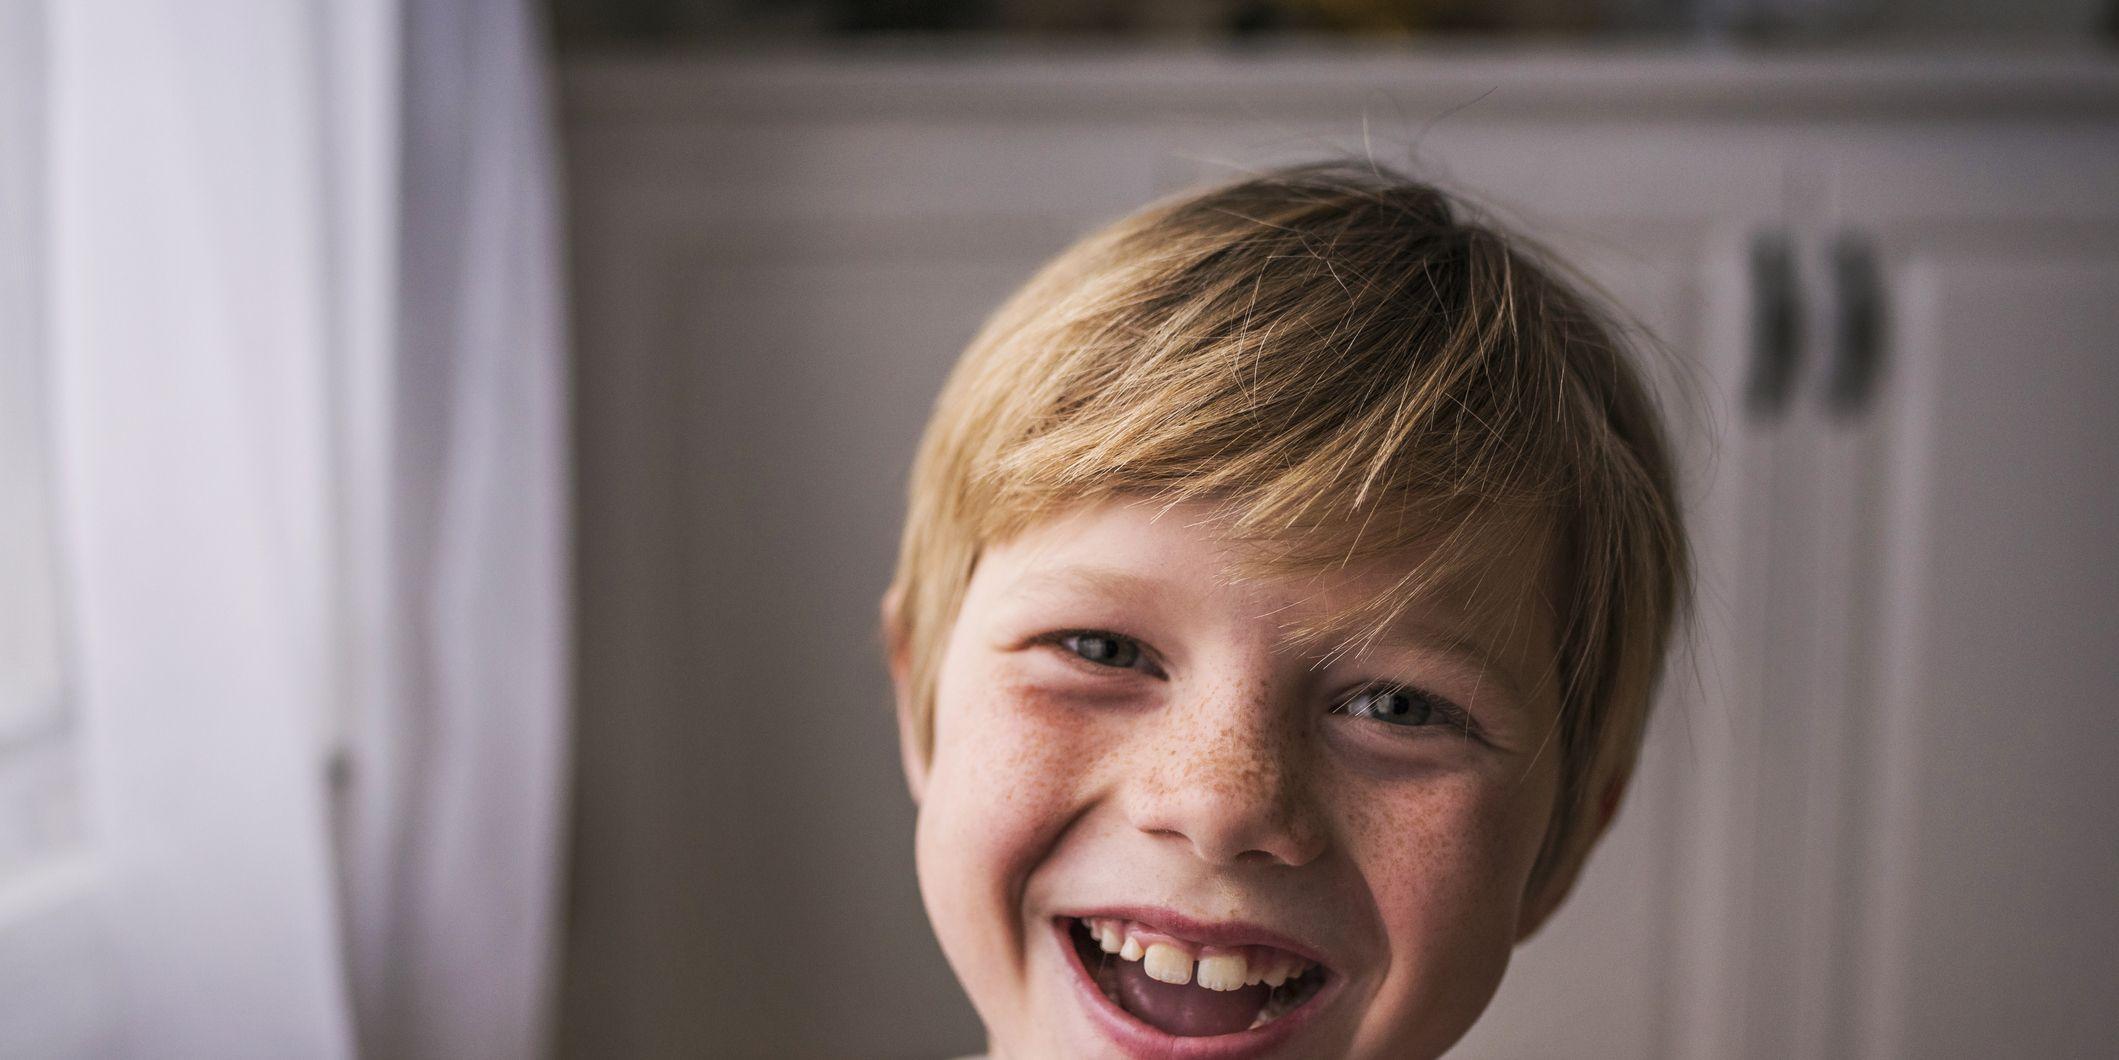 Niño sonrisa